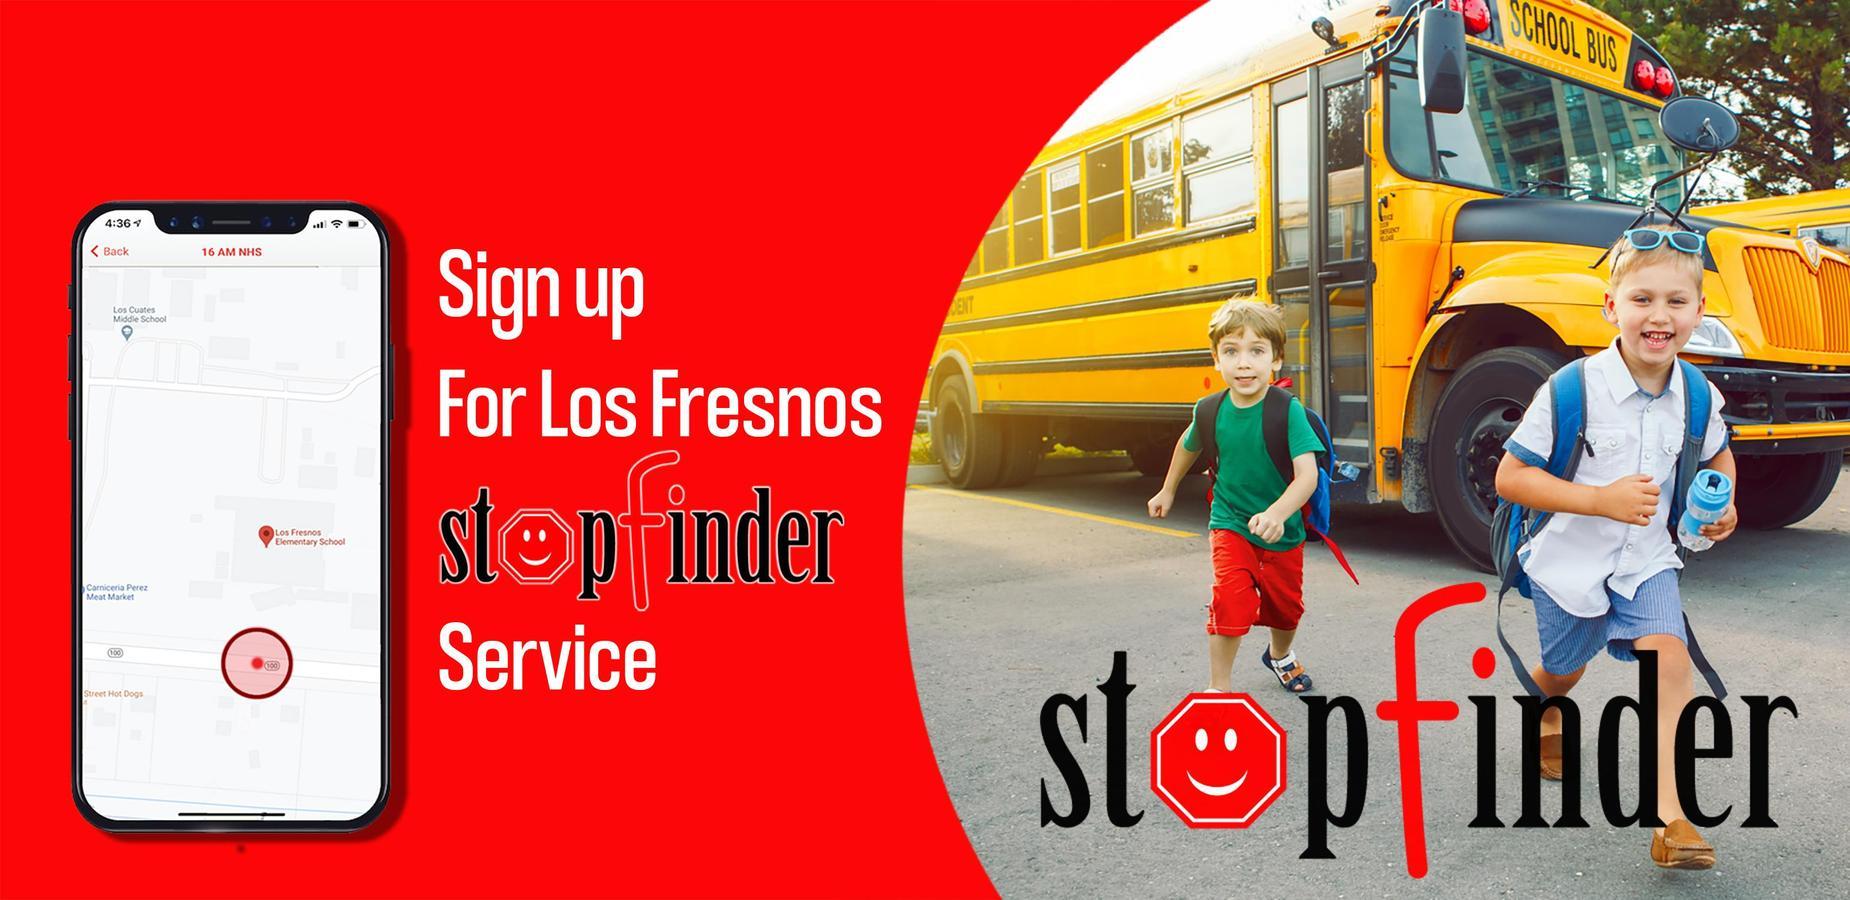 Stop finder sign up banner